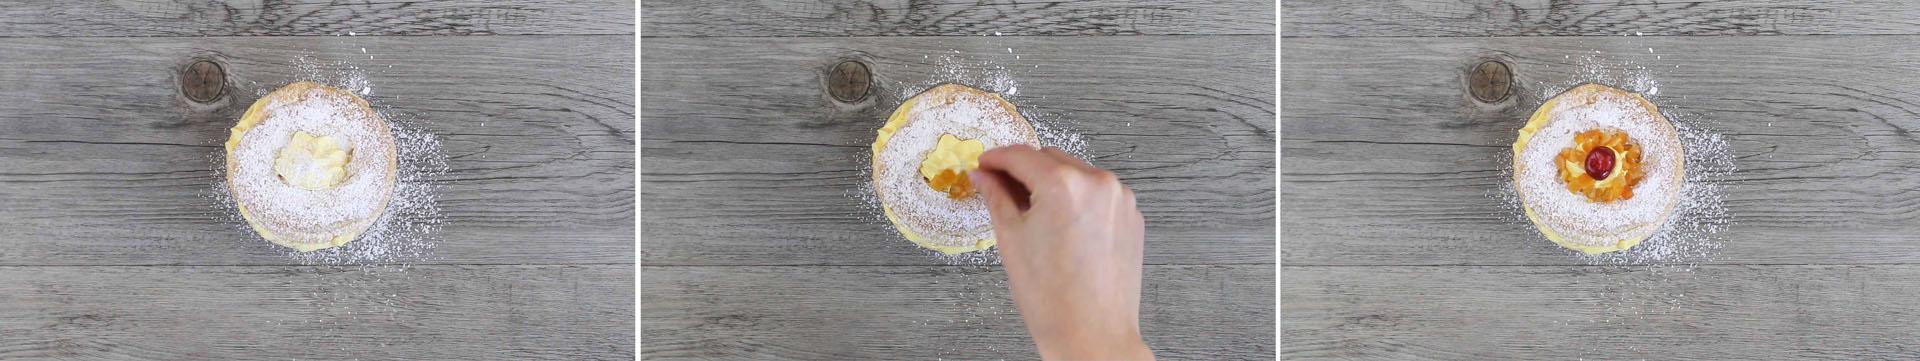 preparazione zeppole di san giuseppe arancia e zafferano